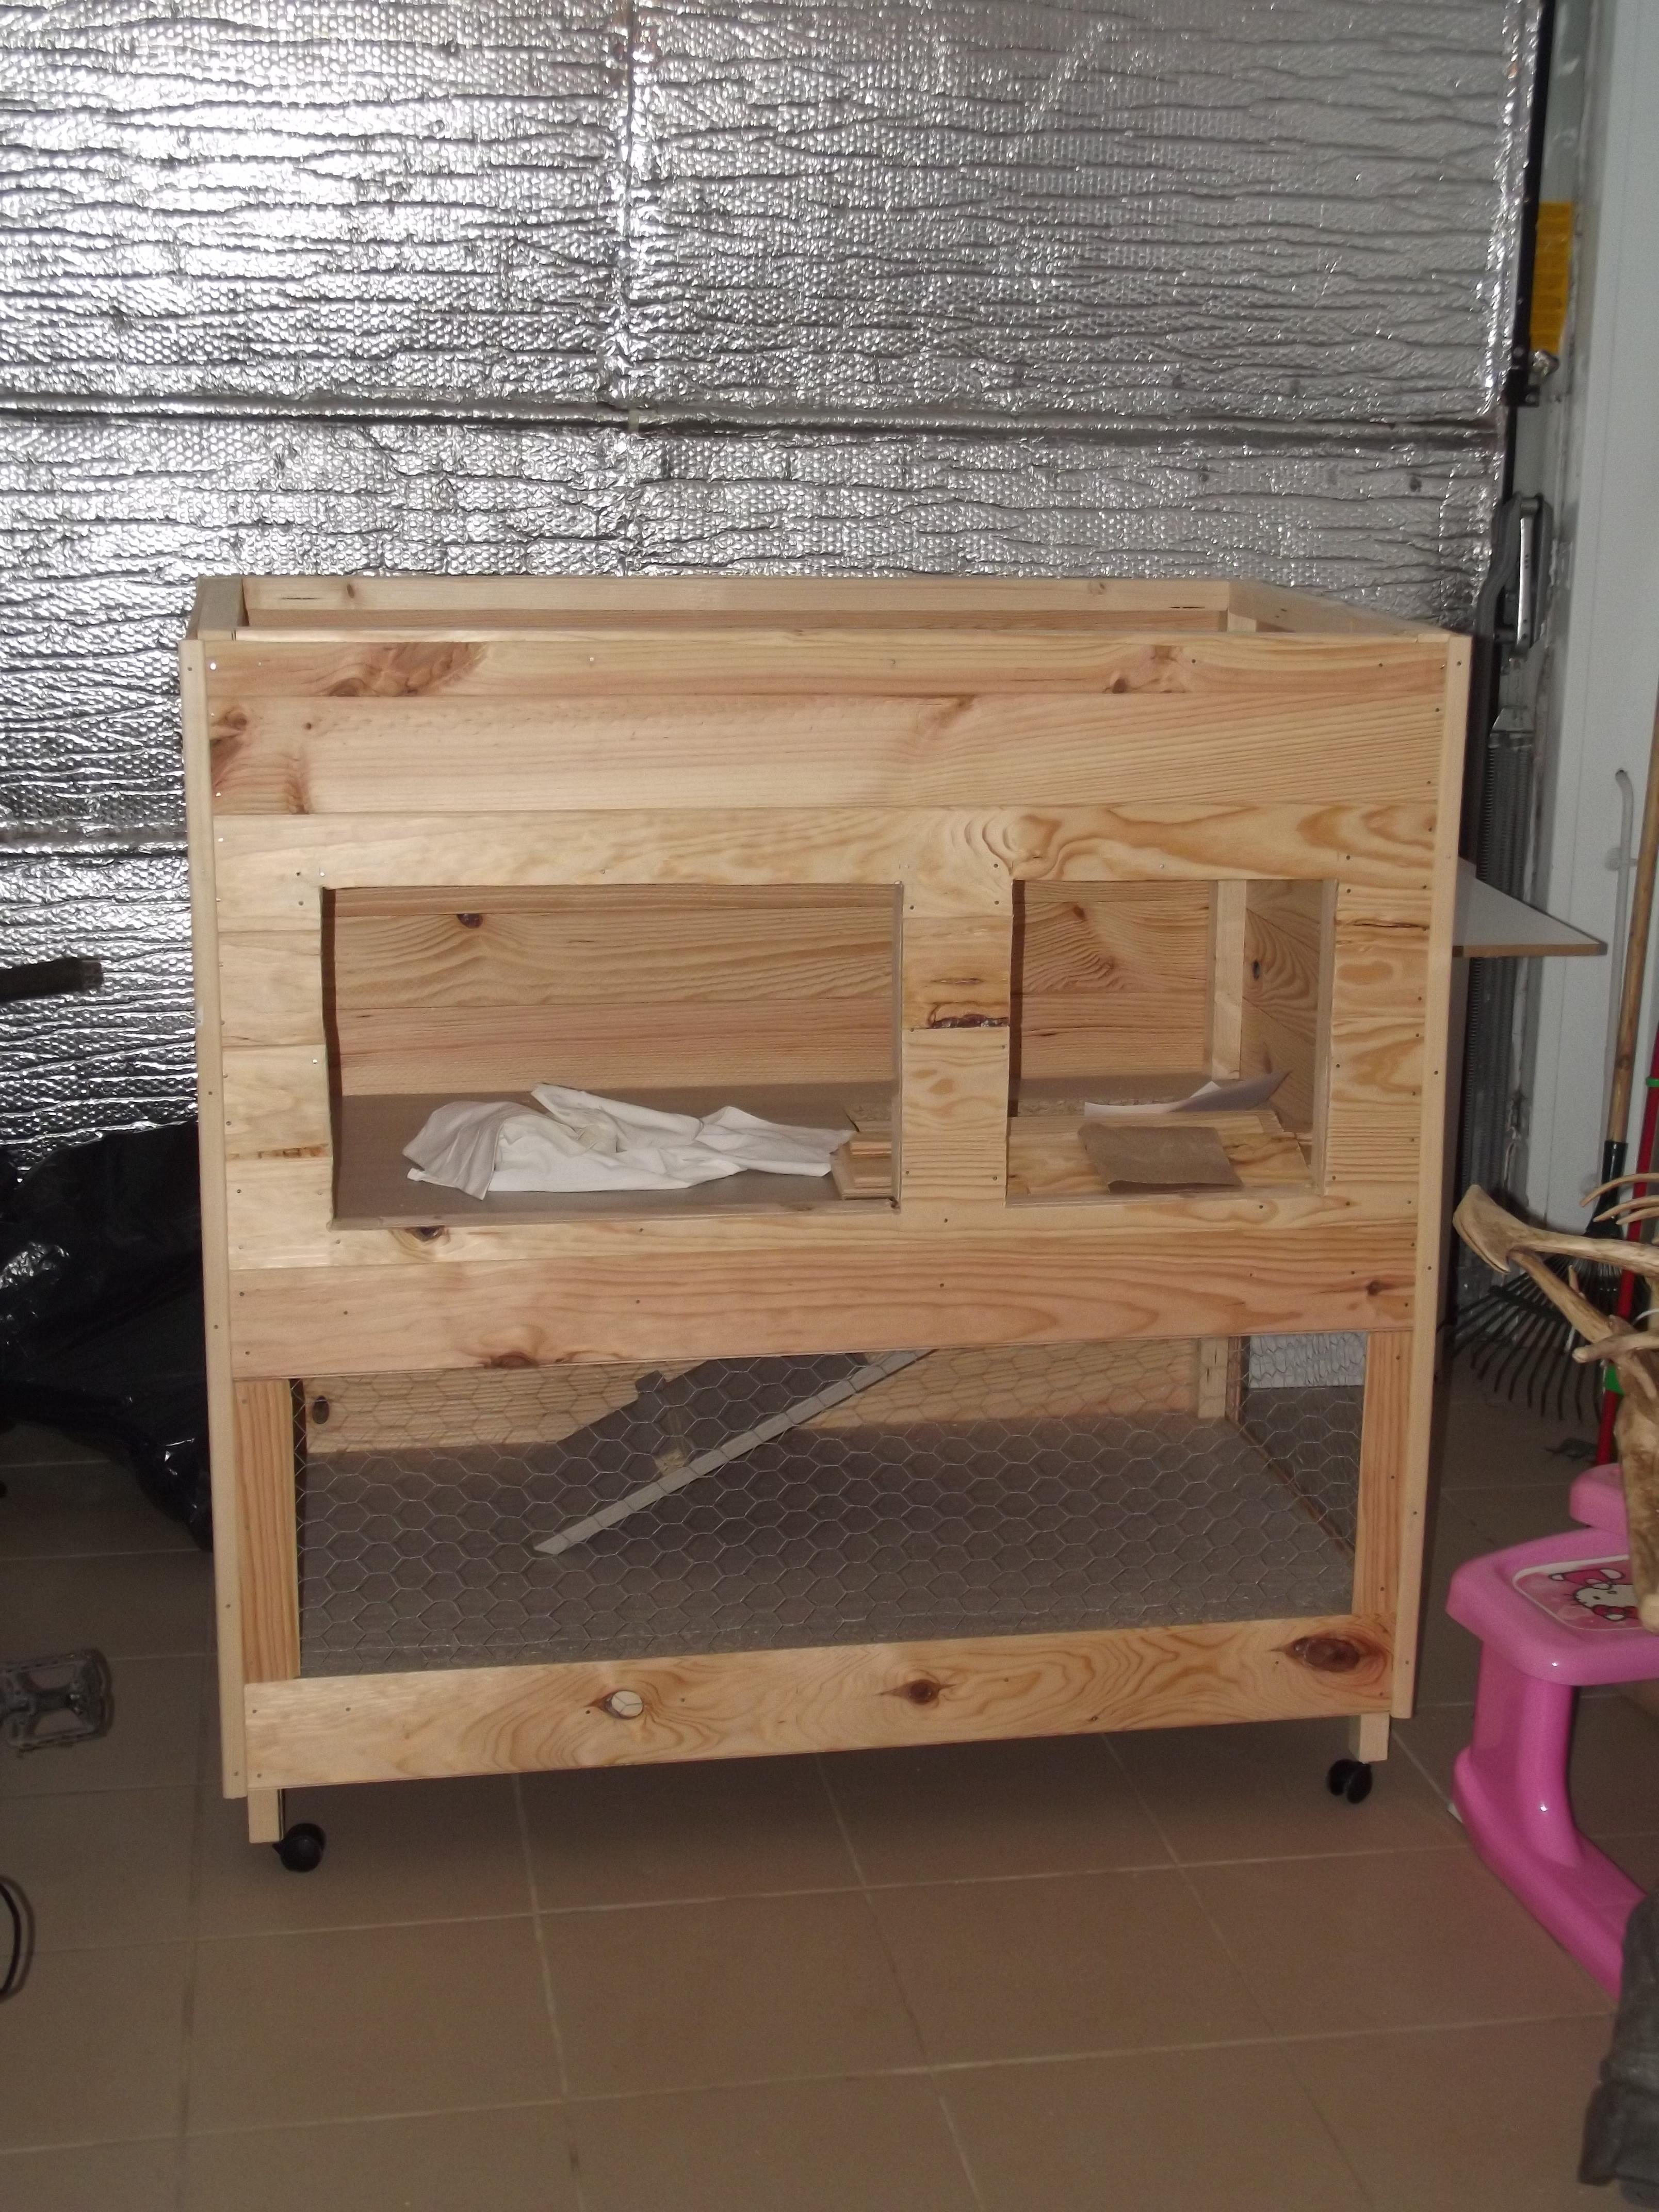 Clapier etape 4 petit bisous milka leretour photos for Construire une cage a lapin exterieur